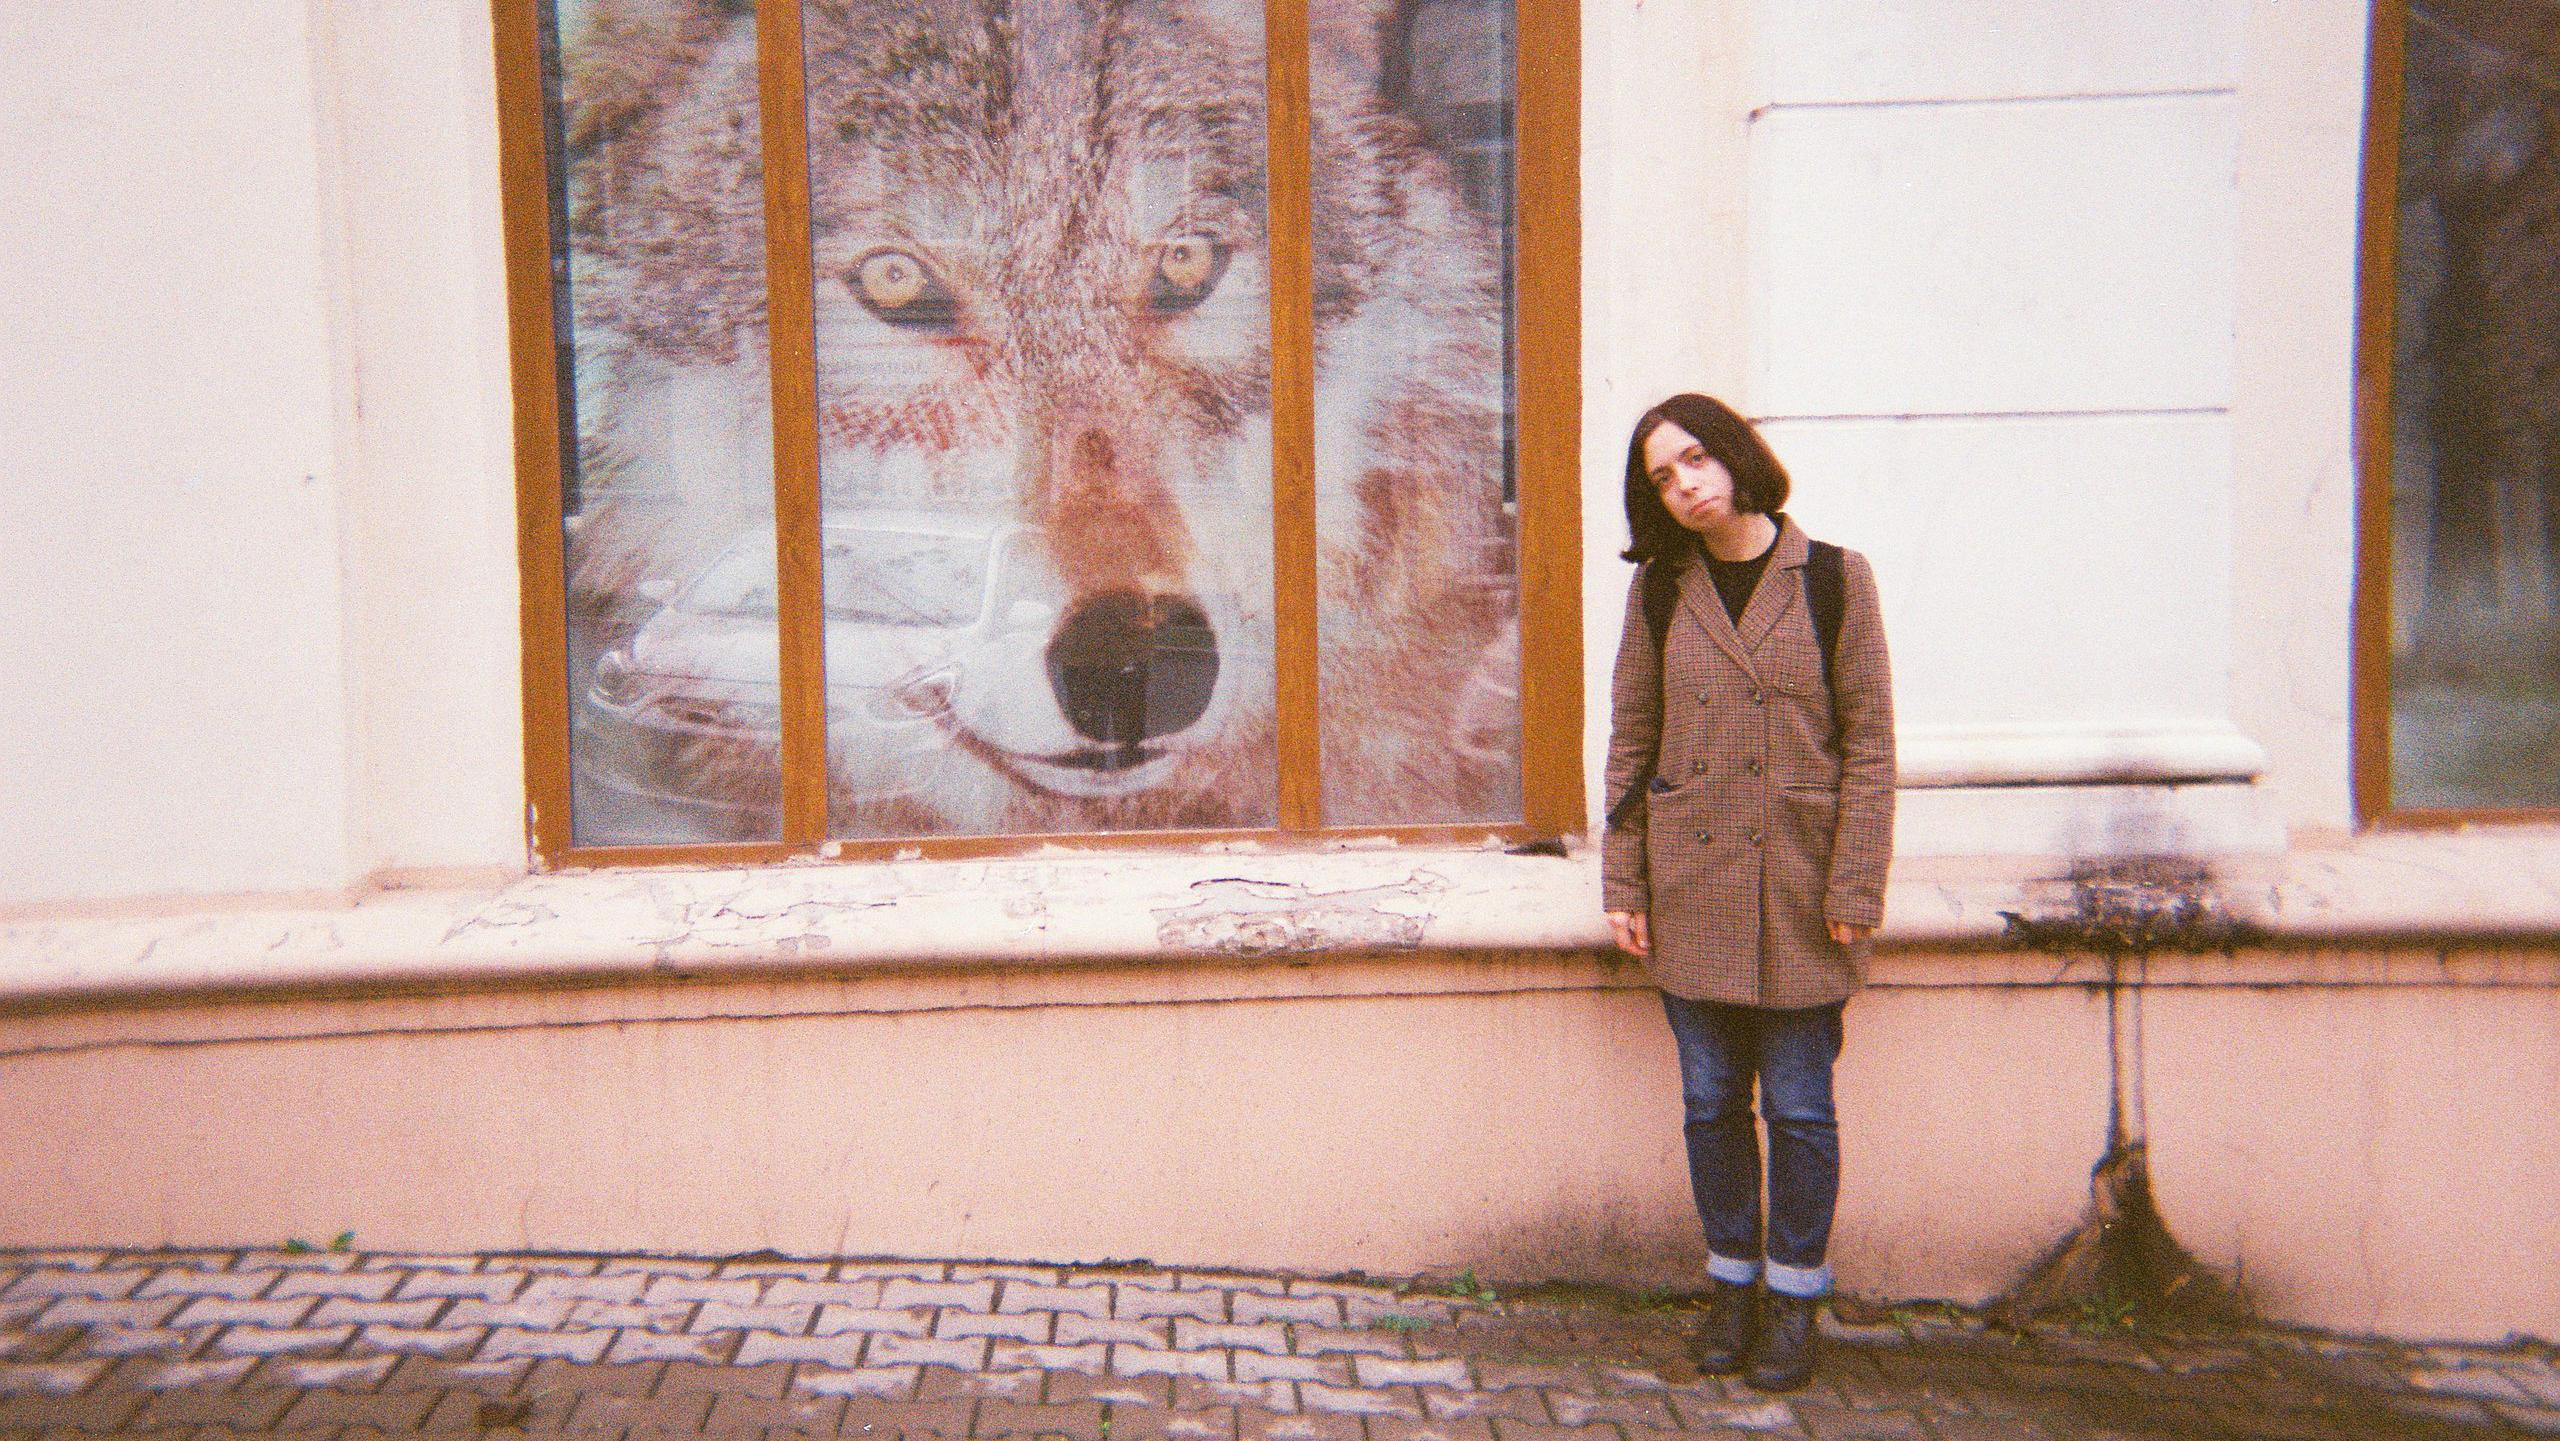 «Люди закладывают квартиру или дом, чтобы снять фильм» – Ира Дмитриева о проблемах российского кинематографа